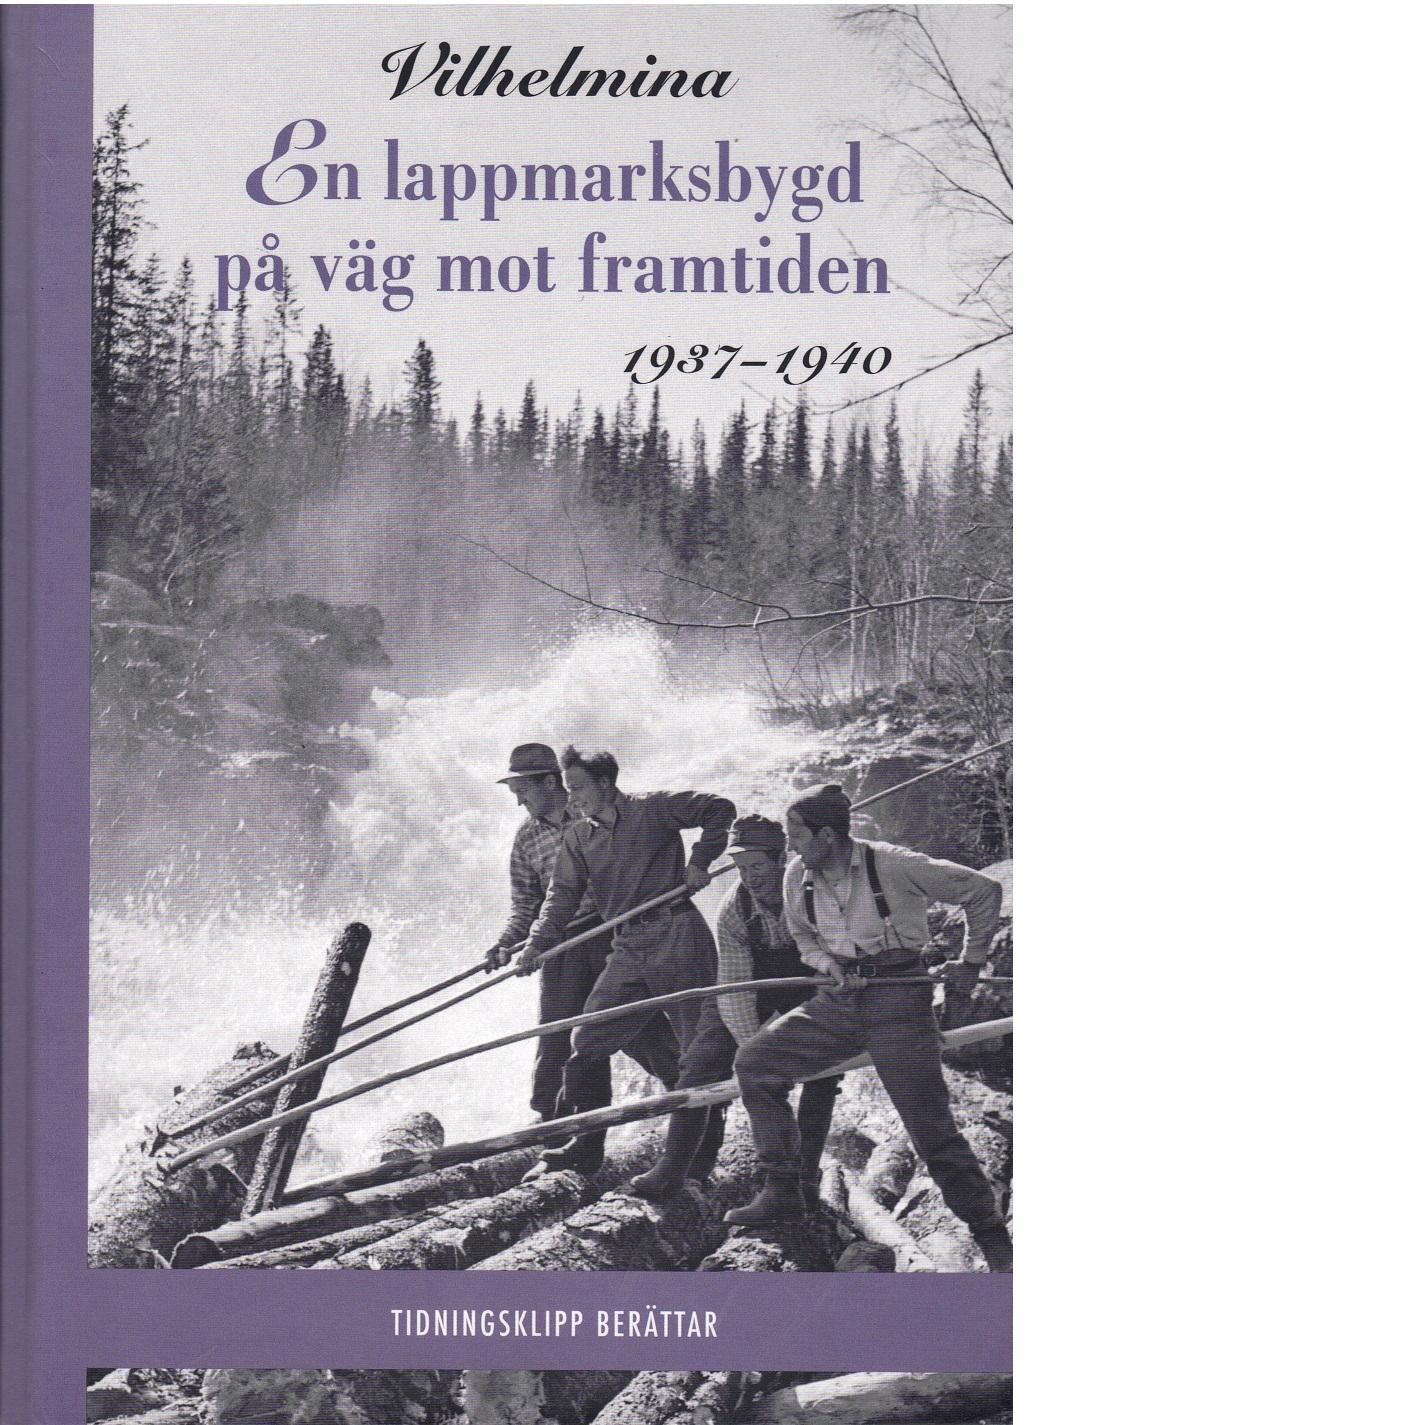 Vilhelmina - en lappmarksbygd på väg mot framtiden 1937-1940, 1941-1943, (2 bd.) - Lauritz, Martin och  Wennstedt, Ola